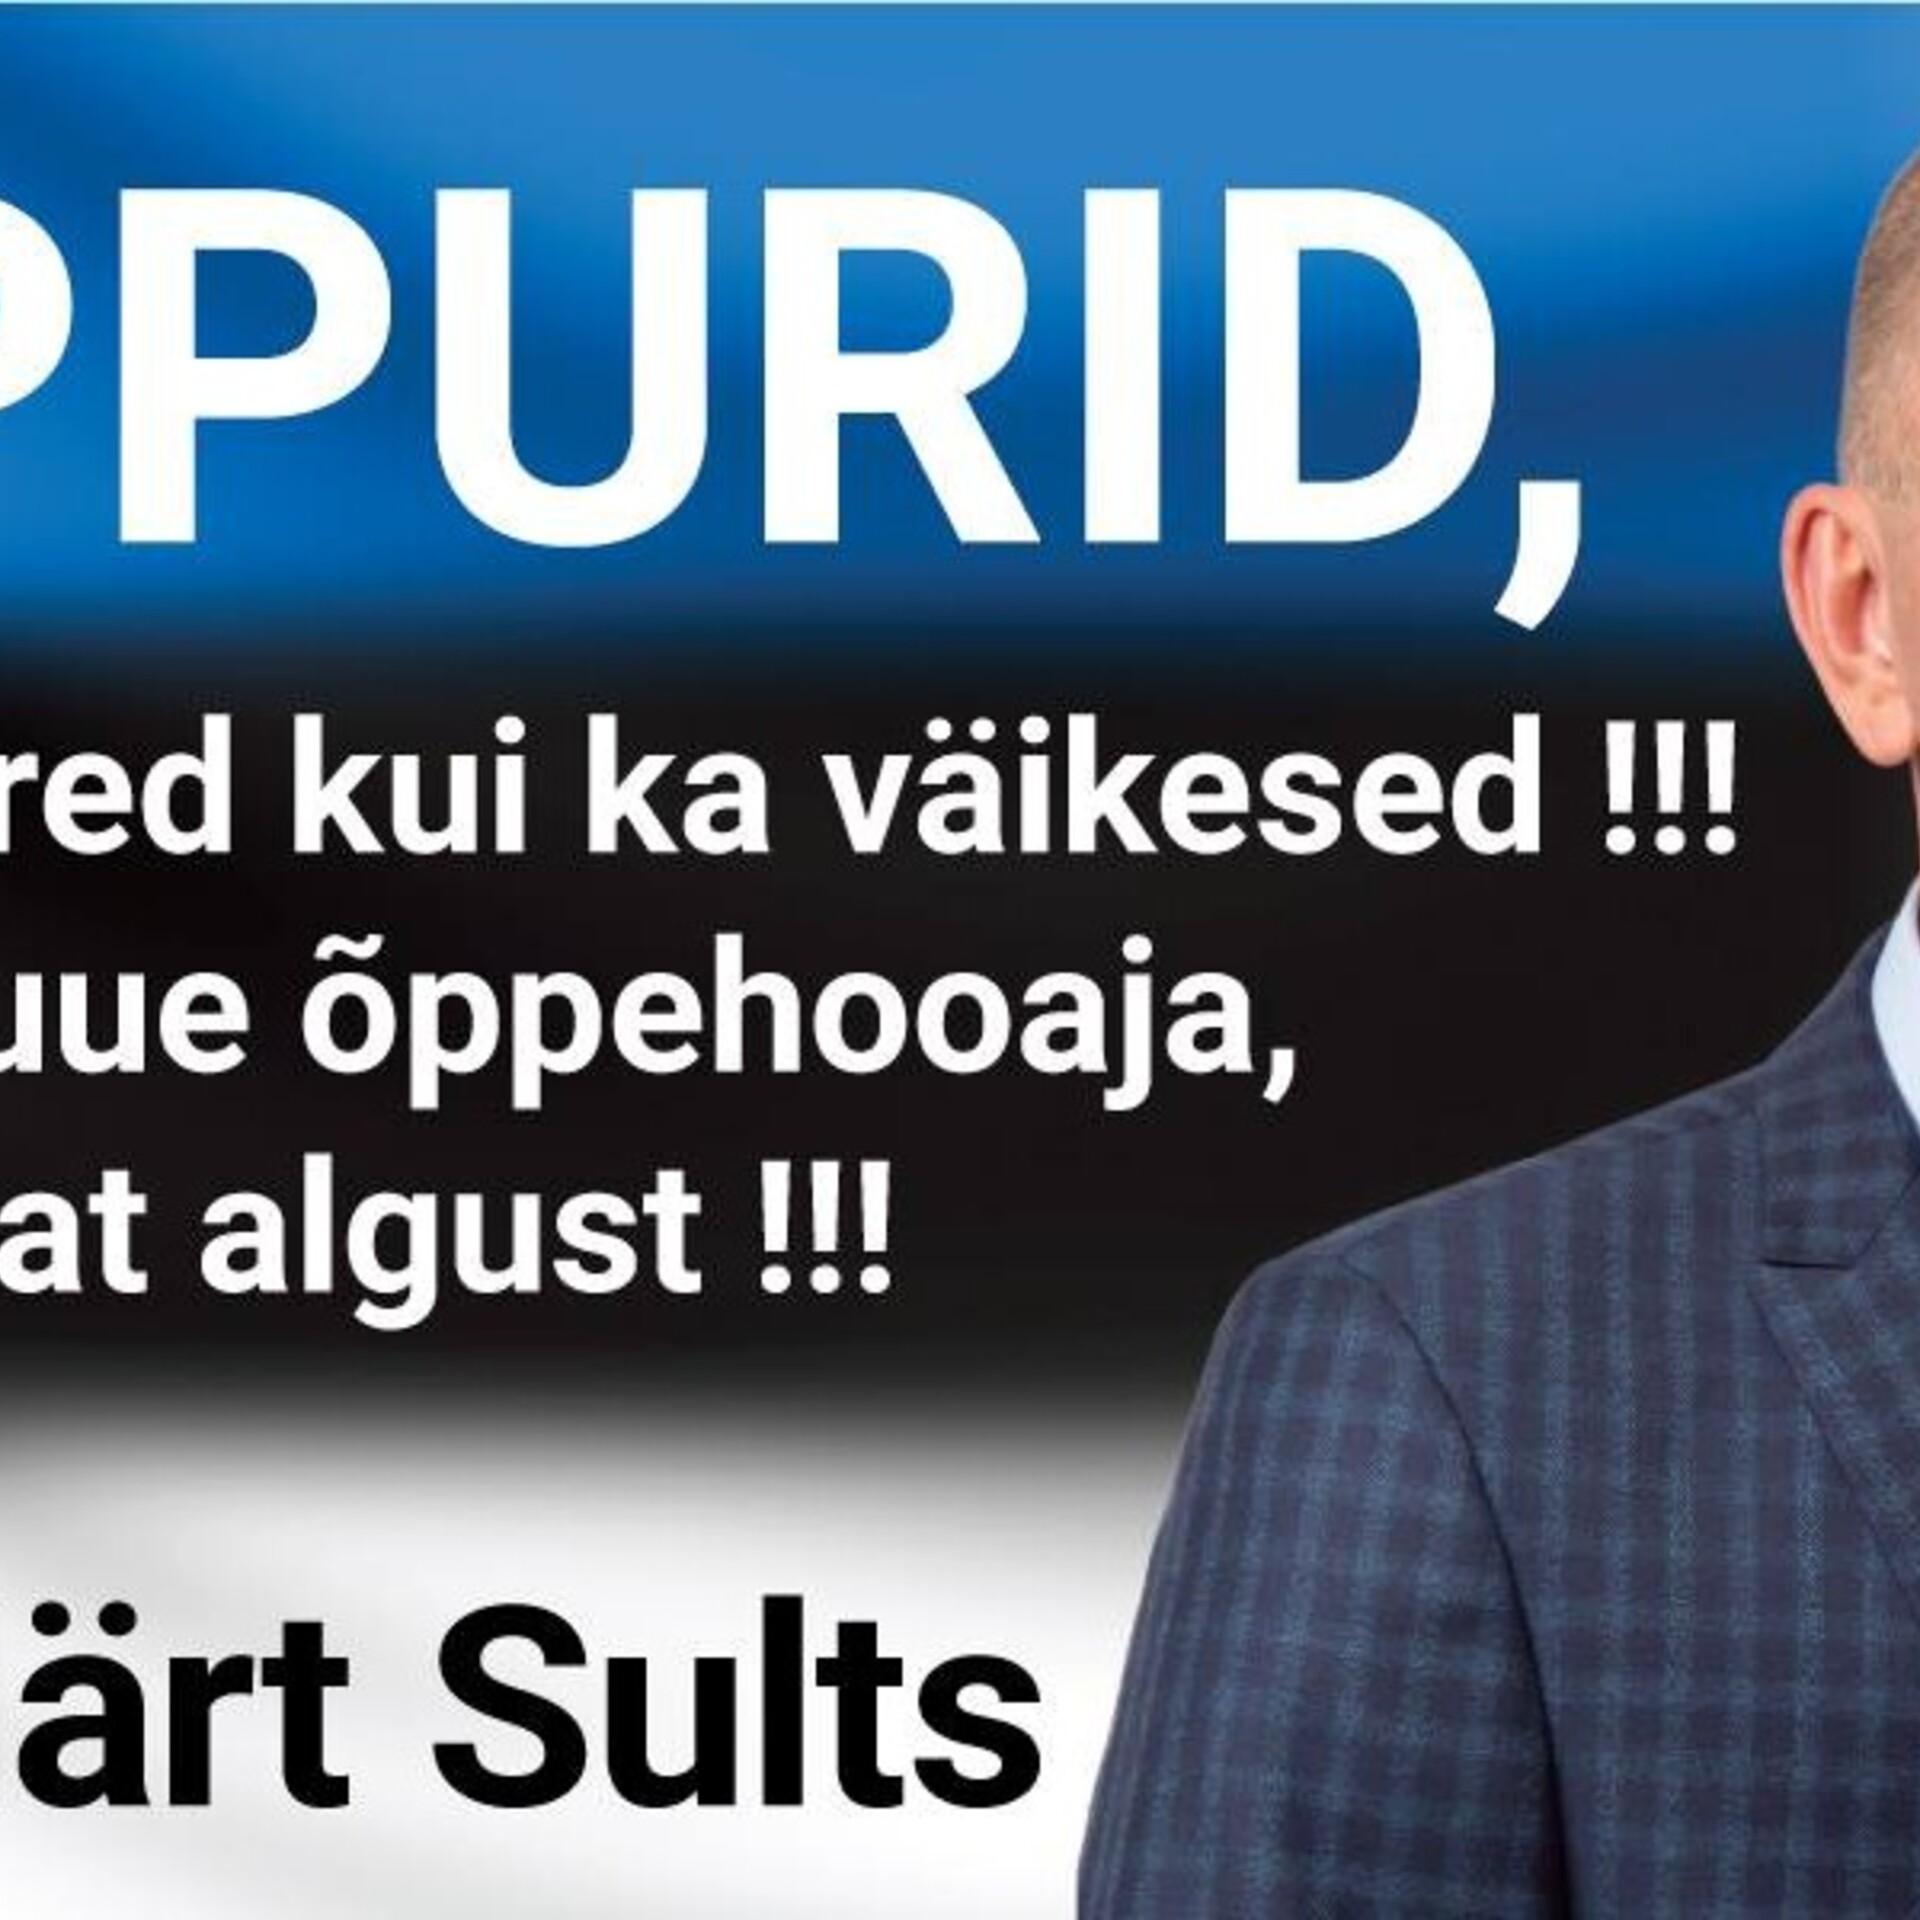 0537166f129 Märt Sults vigasest reklaamplakatist: see on kiillause! | Eesti | ERR